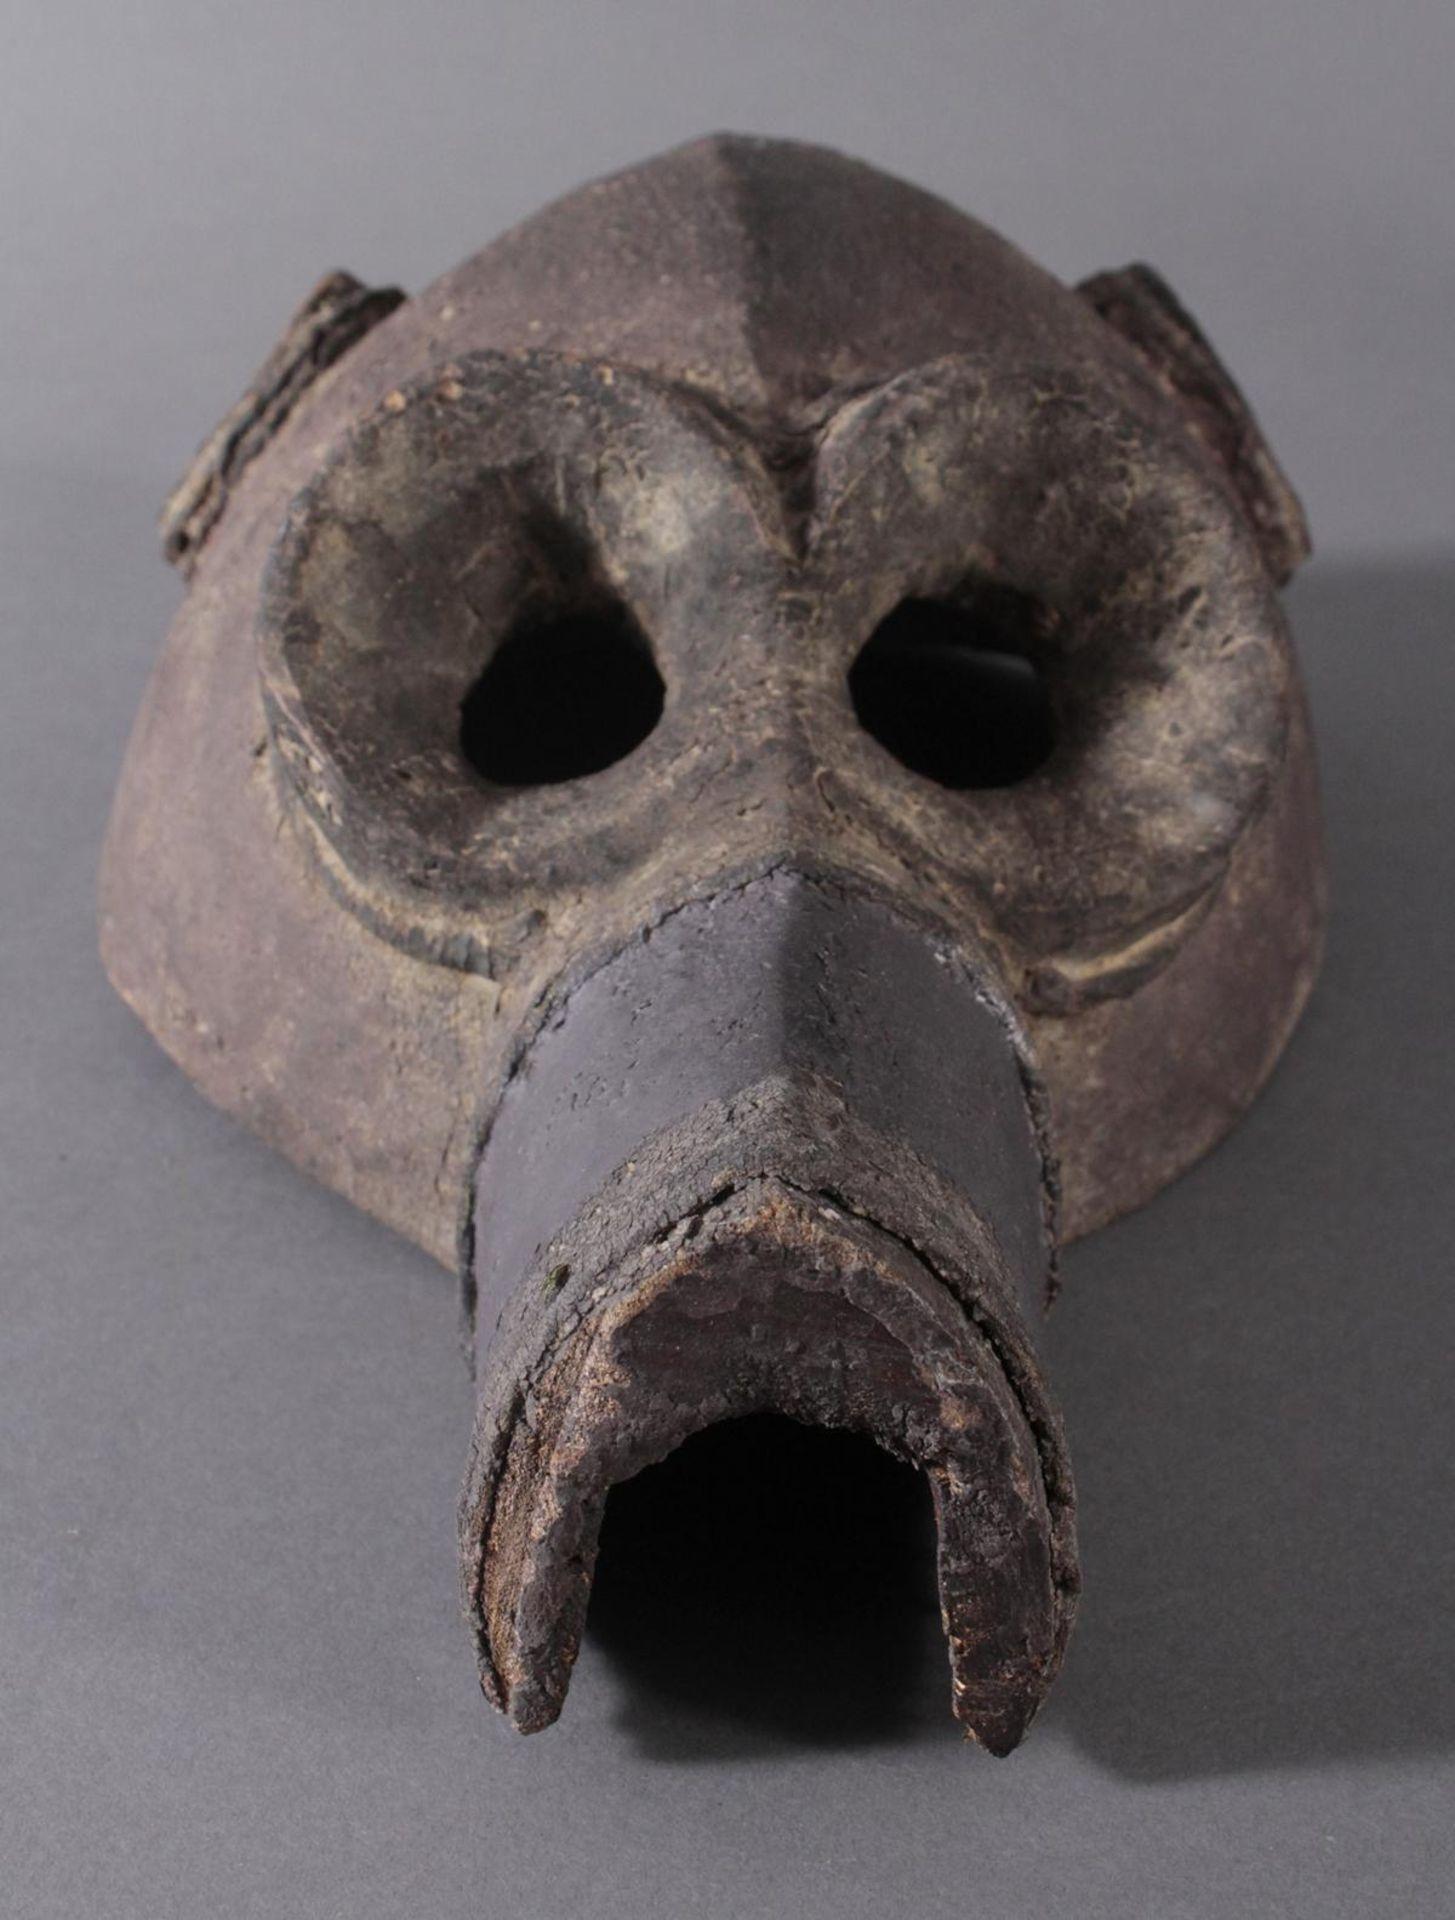 Antike Große Zoomorphe Maske. SeltenAus dem Vollholz geschnitzt, dunkle Patina darüber schwarze - Bild 4 aus 7